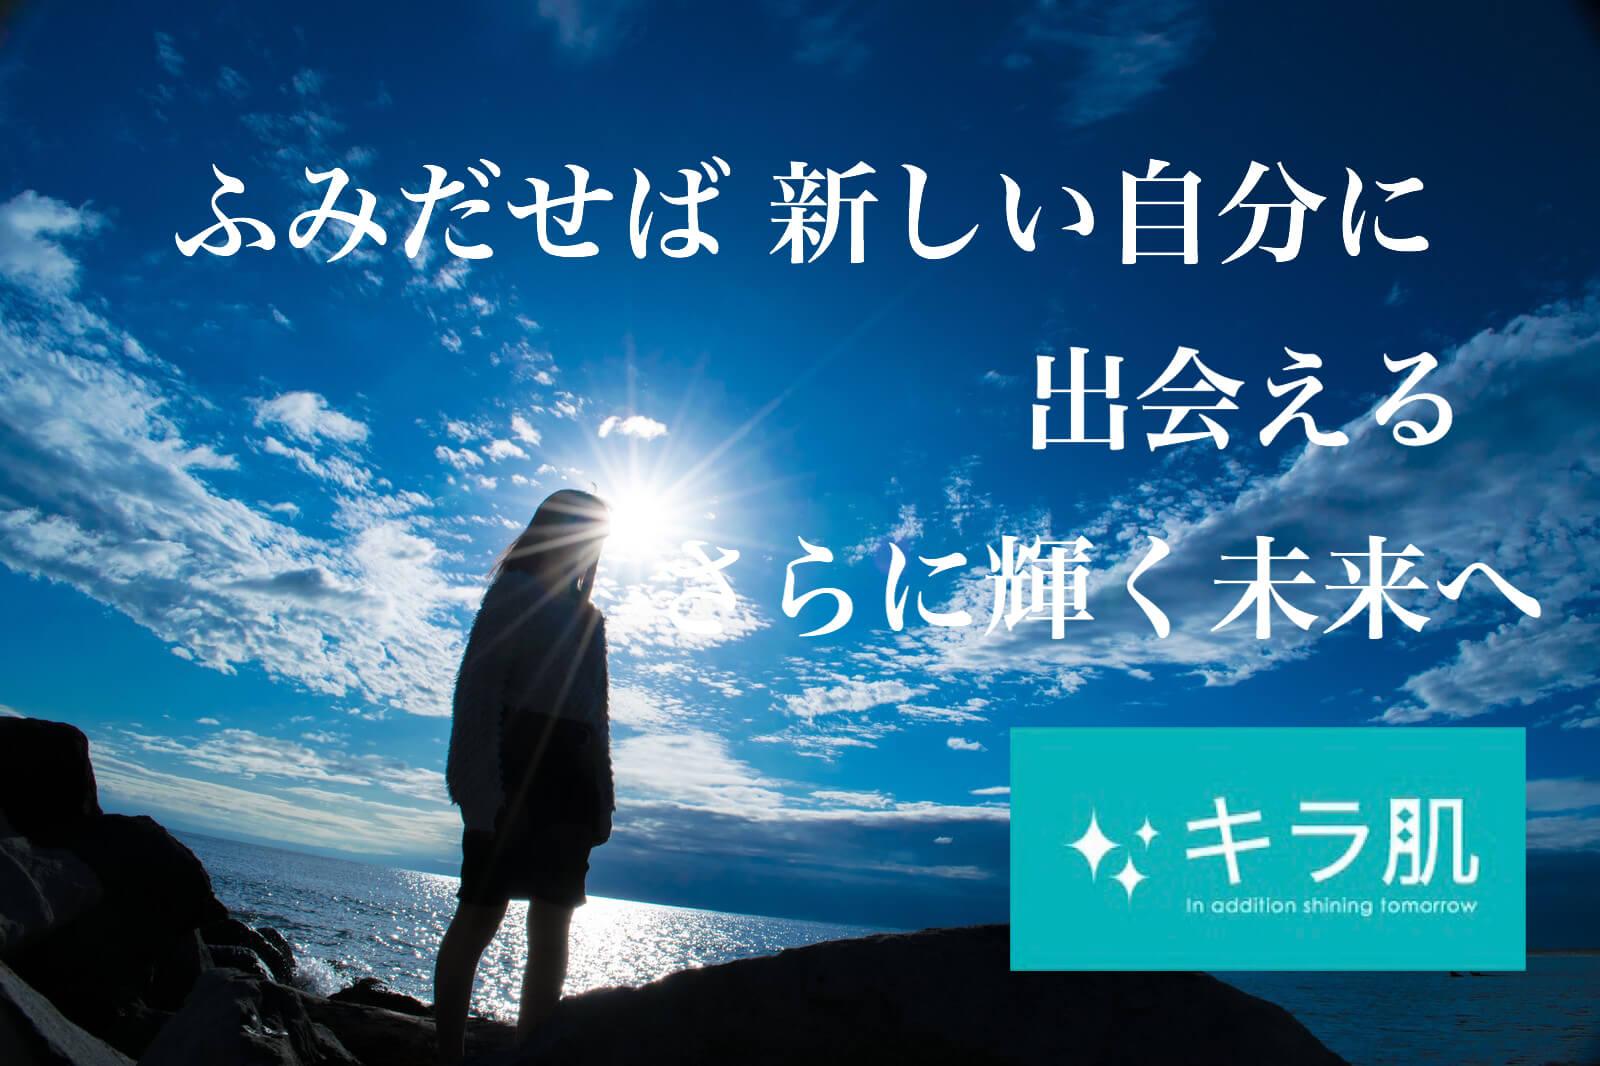 松江市の全身脱毛サロン(kirahada matsue )